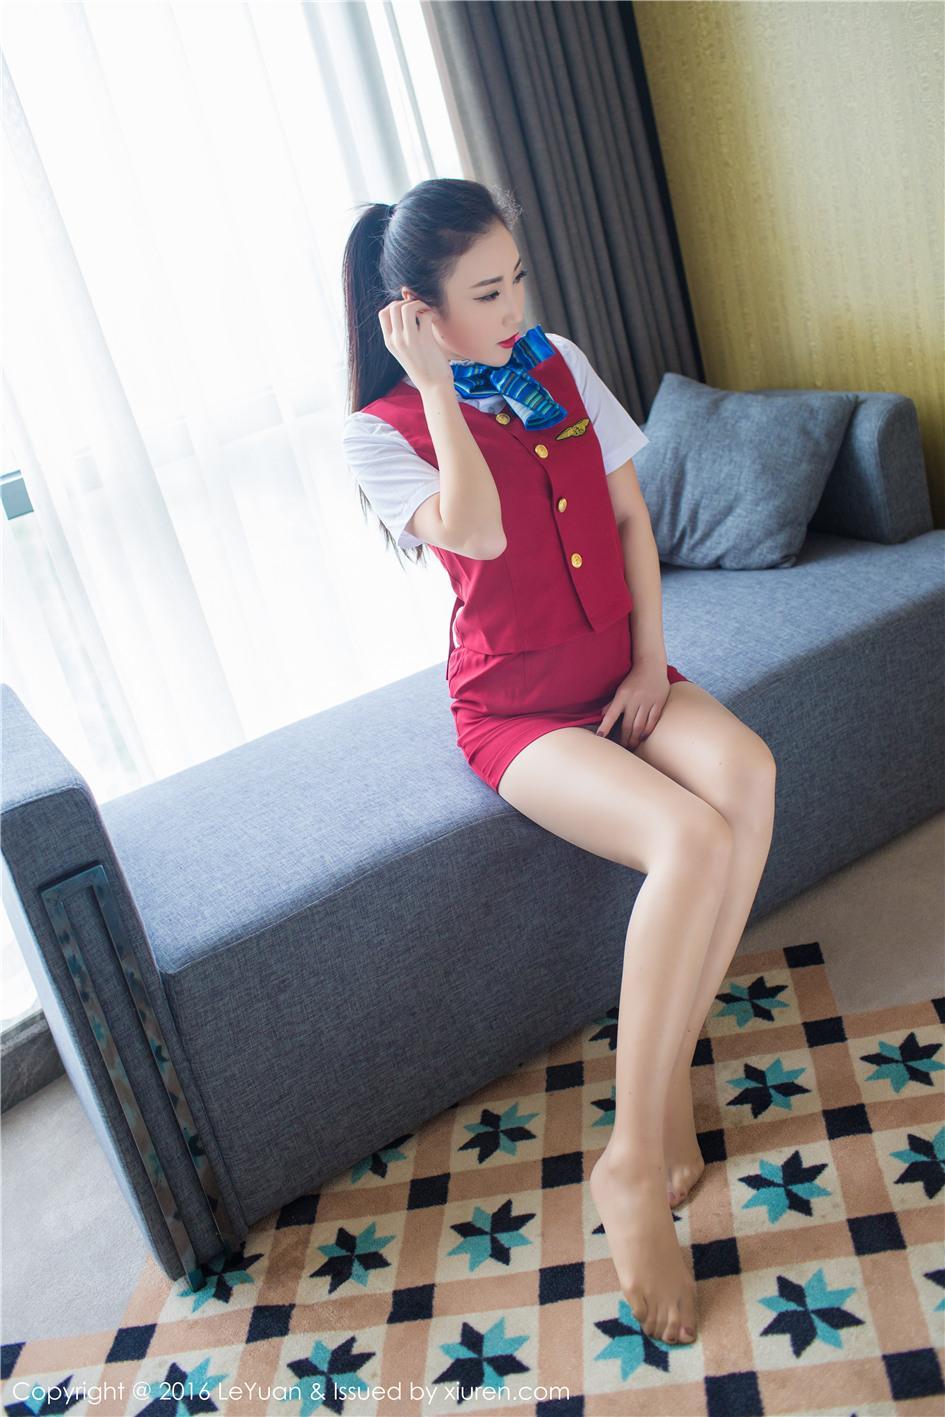 【星乐园】【Wendy智秀】 性感空姐Wendy智秀肉丝袜写真 VOL.021【25P】 制服